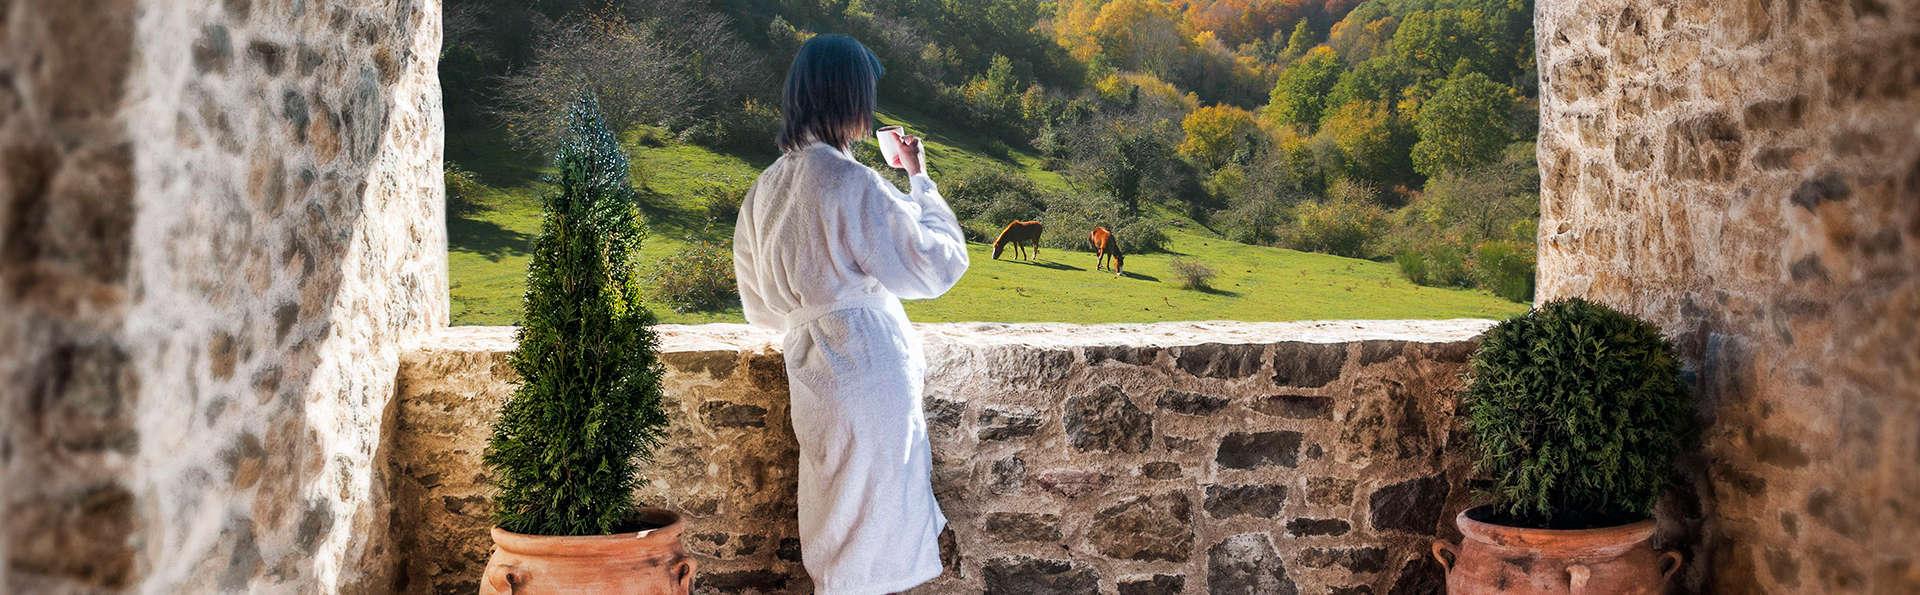 Week-end rustique avec décoration romantique à Garrotxa- Girona